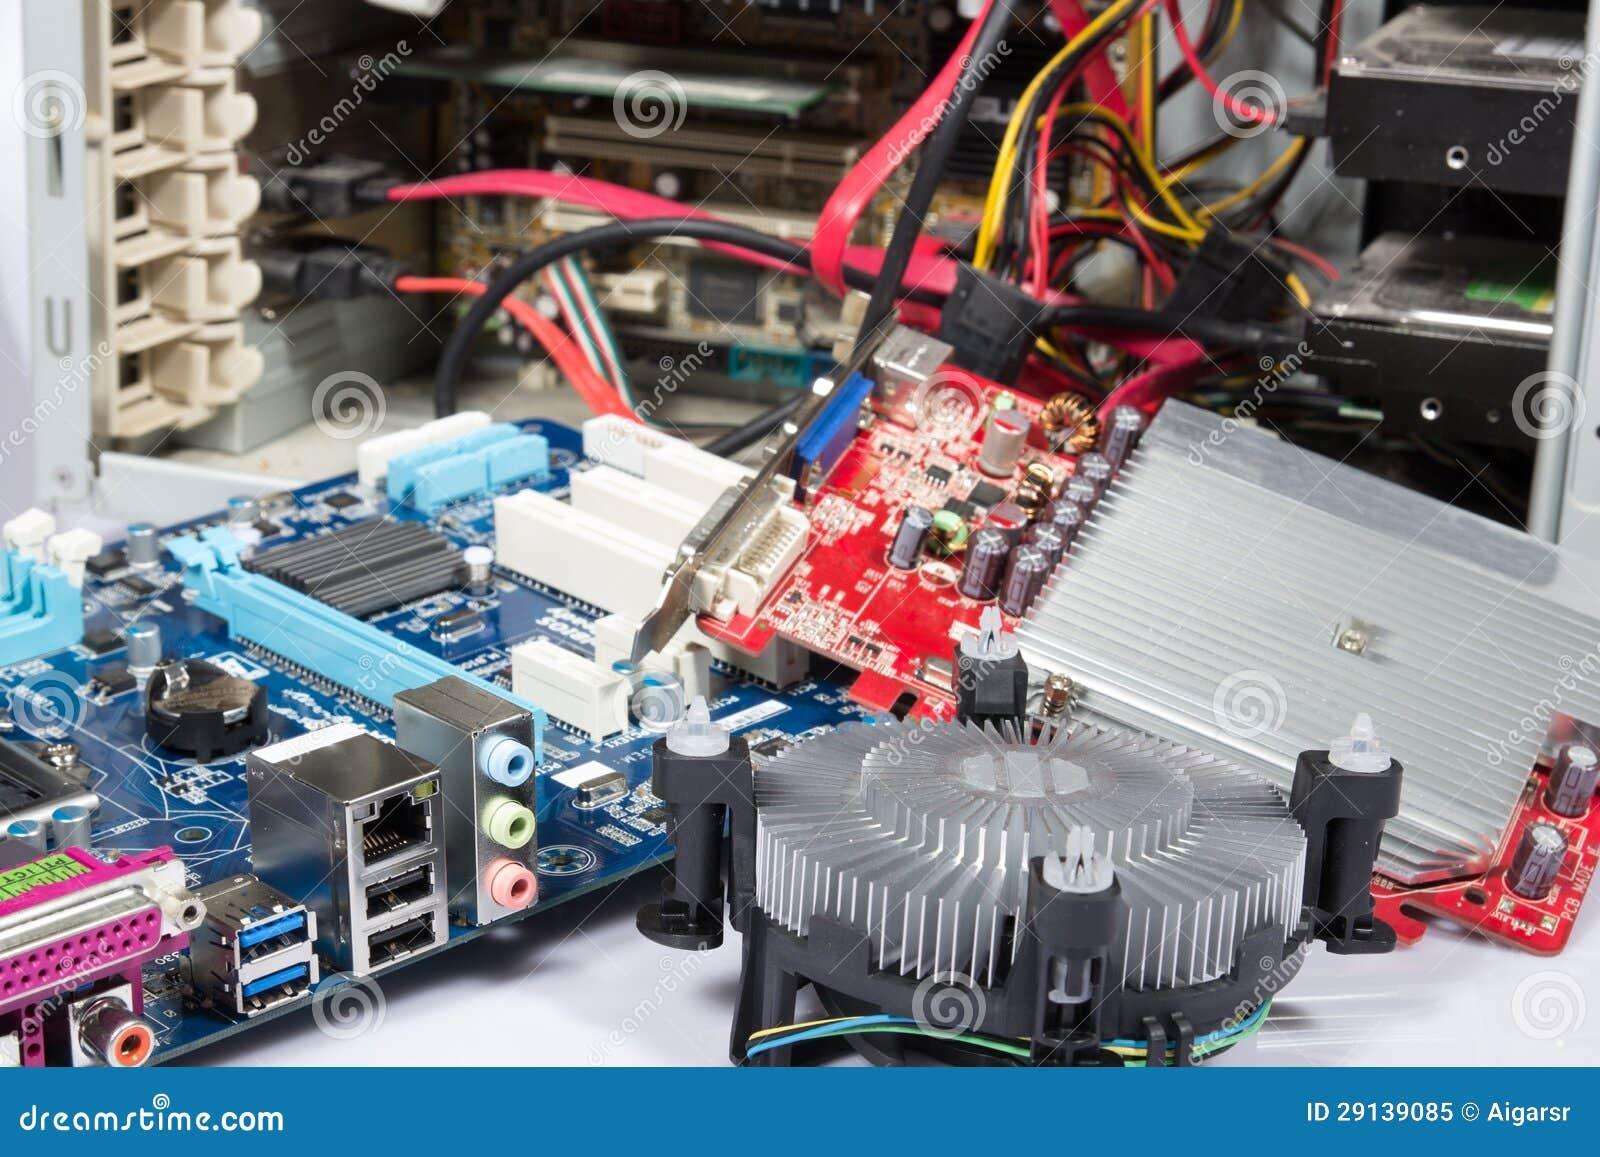 free pc repair